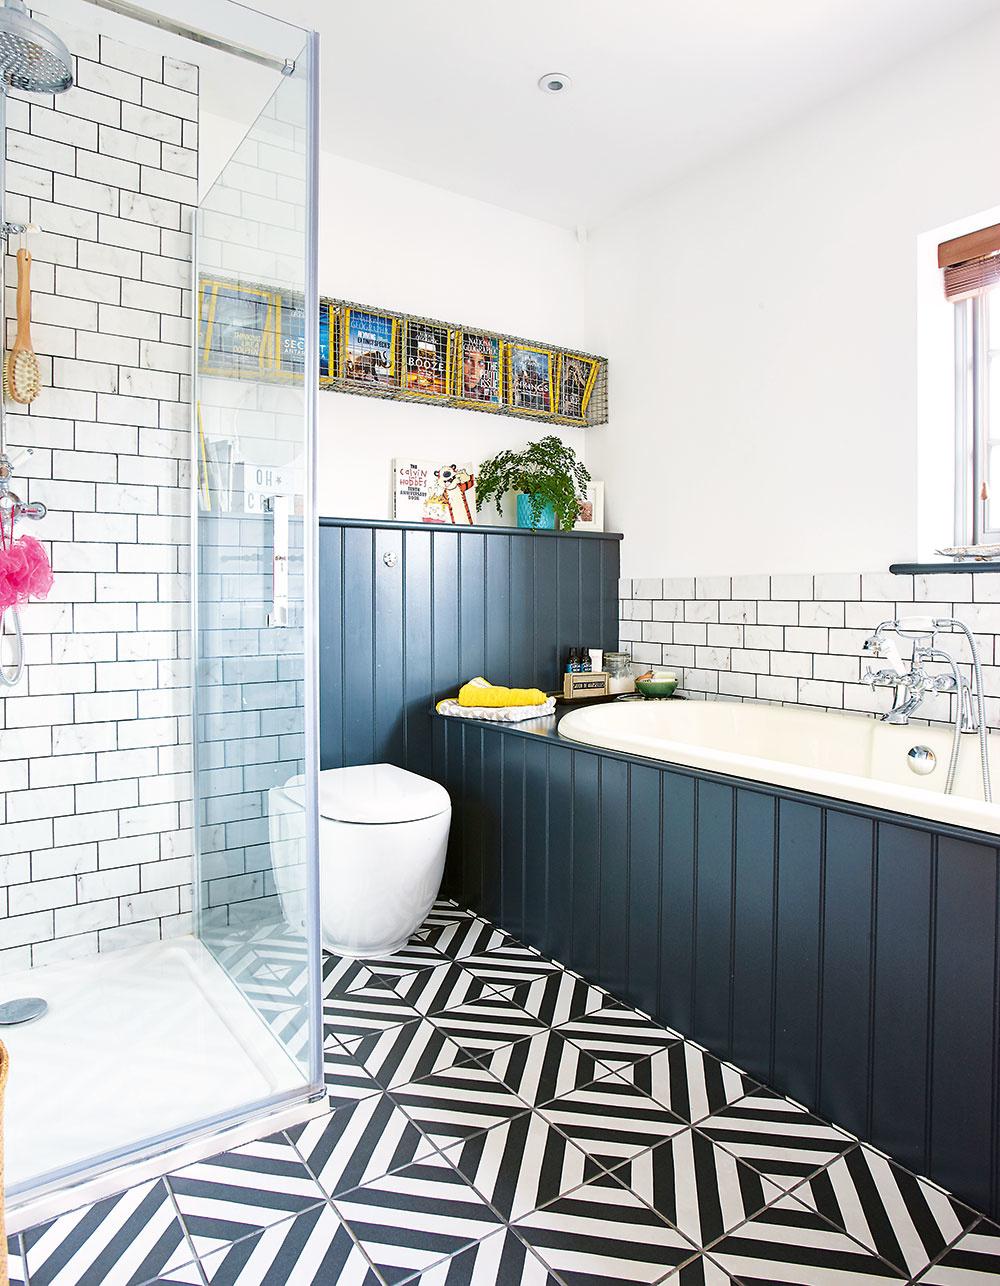 Novú priestrannú kúpeľňu na poschodí vybudovali vmiestnosti, kde bola pôvodne najmenšia zo spální. Dominuje jej vaňa svýhľadom, ktorú ozvláštňuje drevený obklad natretý sivou farbou vindustriálnom odtieni. Okrem vane sa sem zmestil aj praktický sprchovací kút.